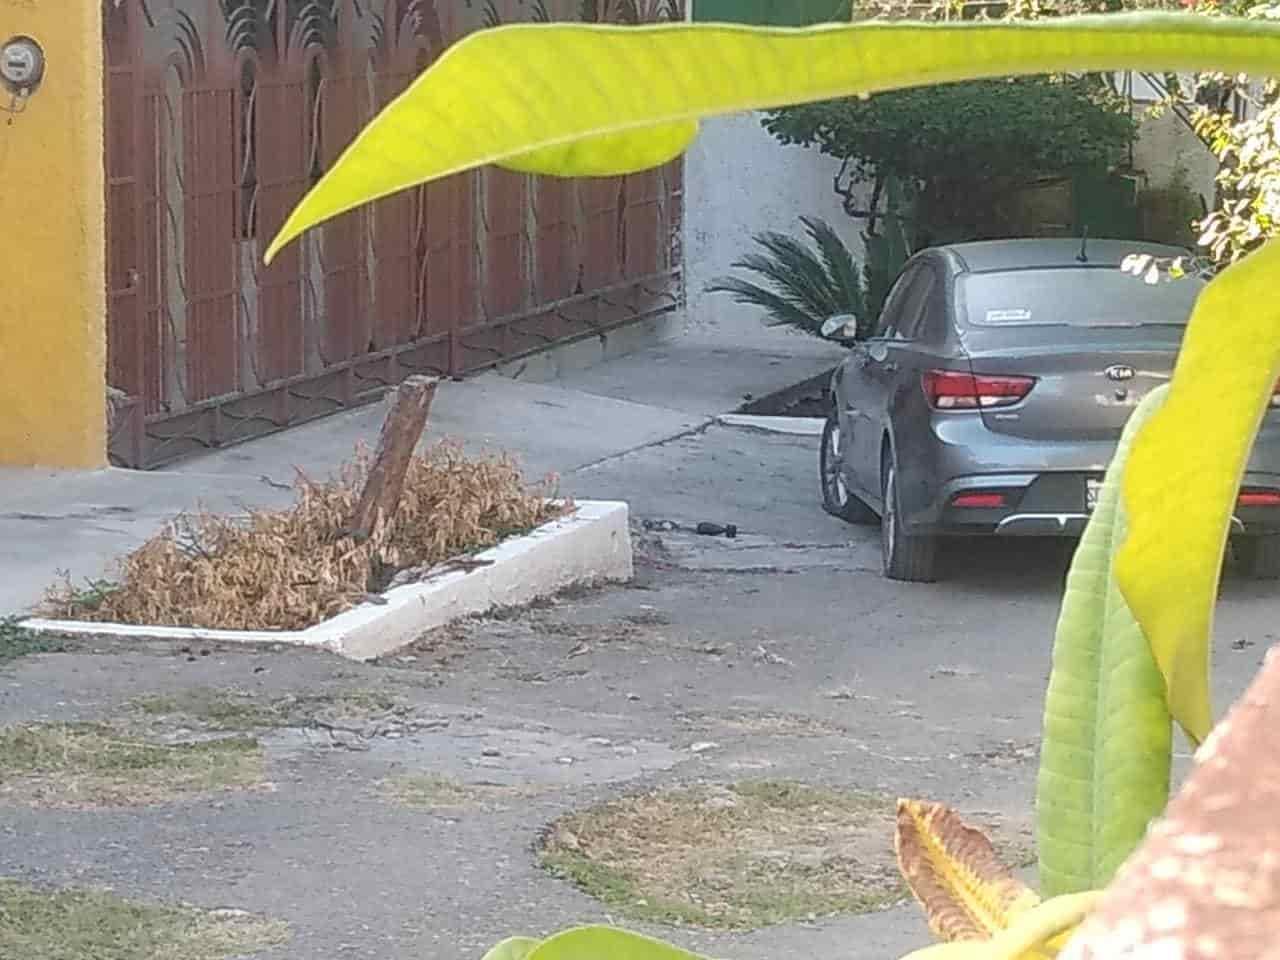 El artefacto explosivo fue hallado frente a un domicilio de la Colonia Los Arcos